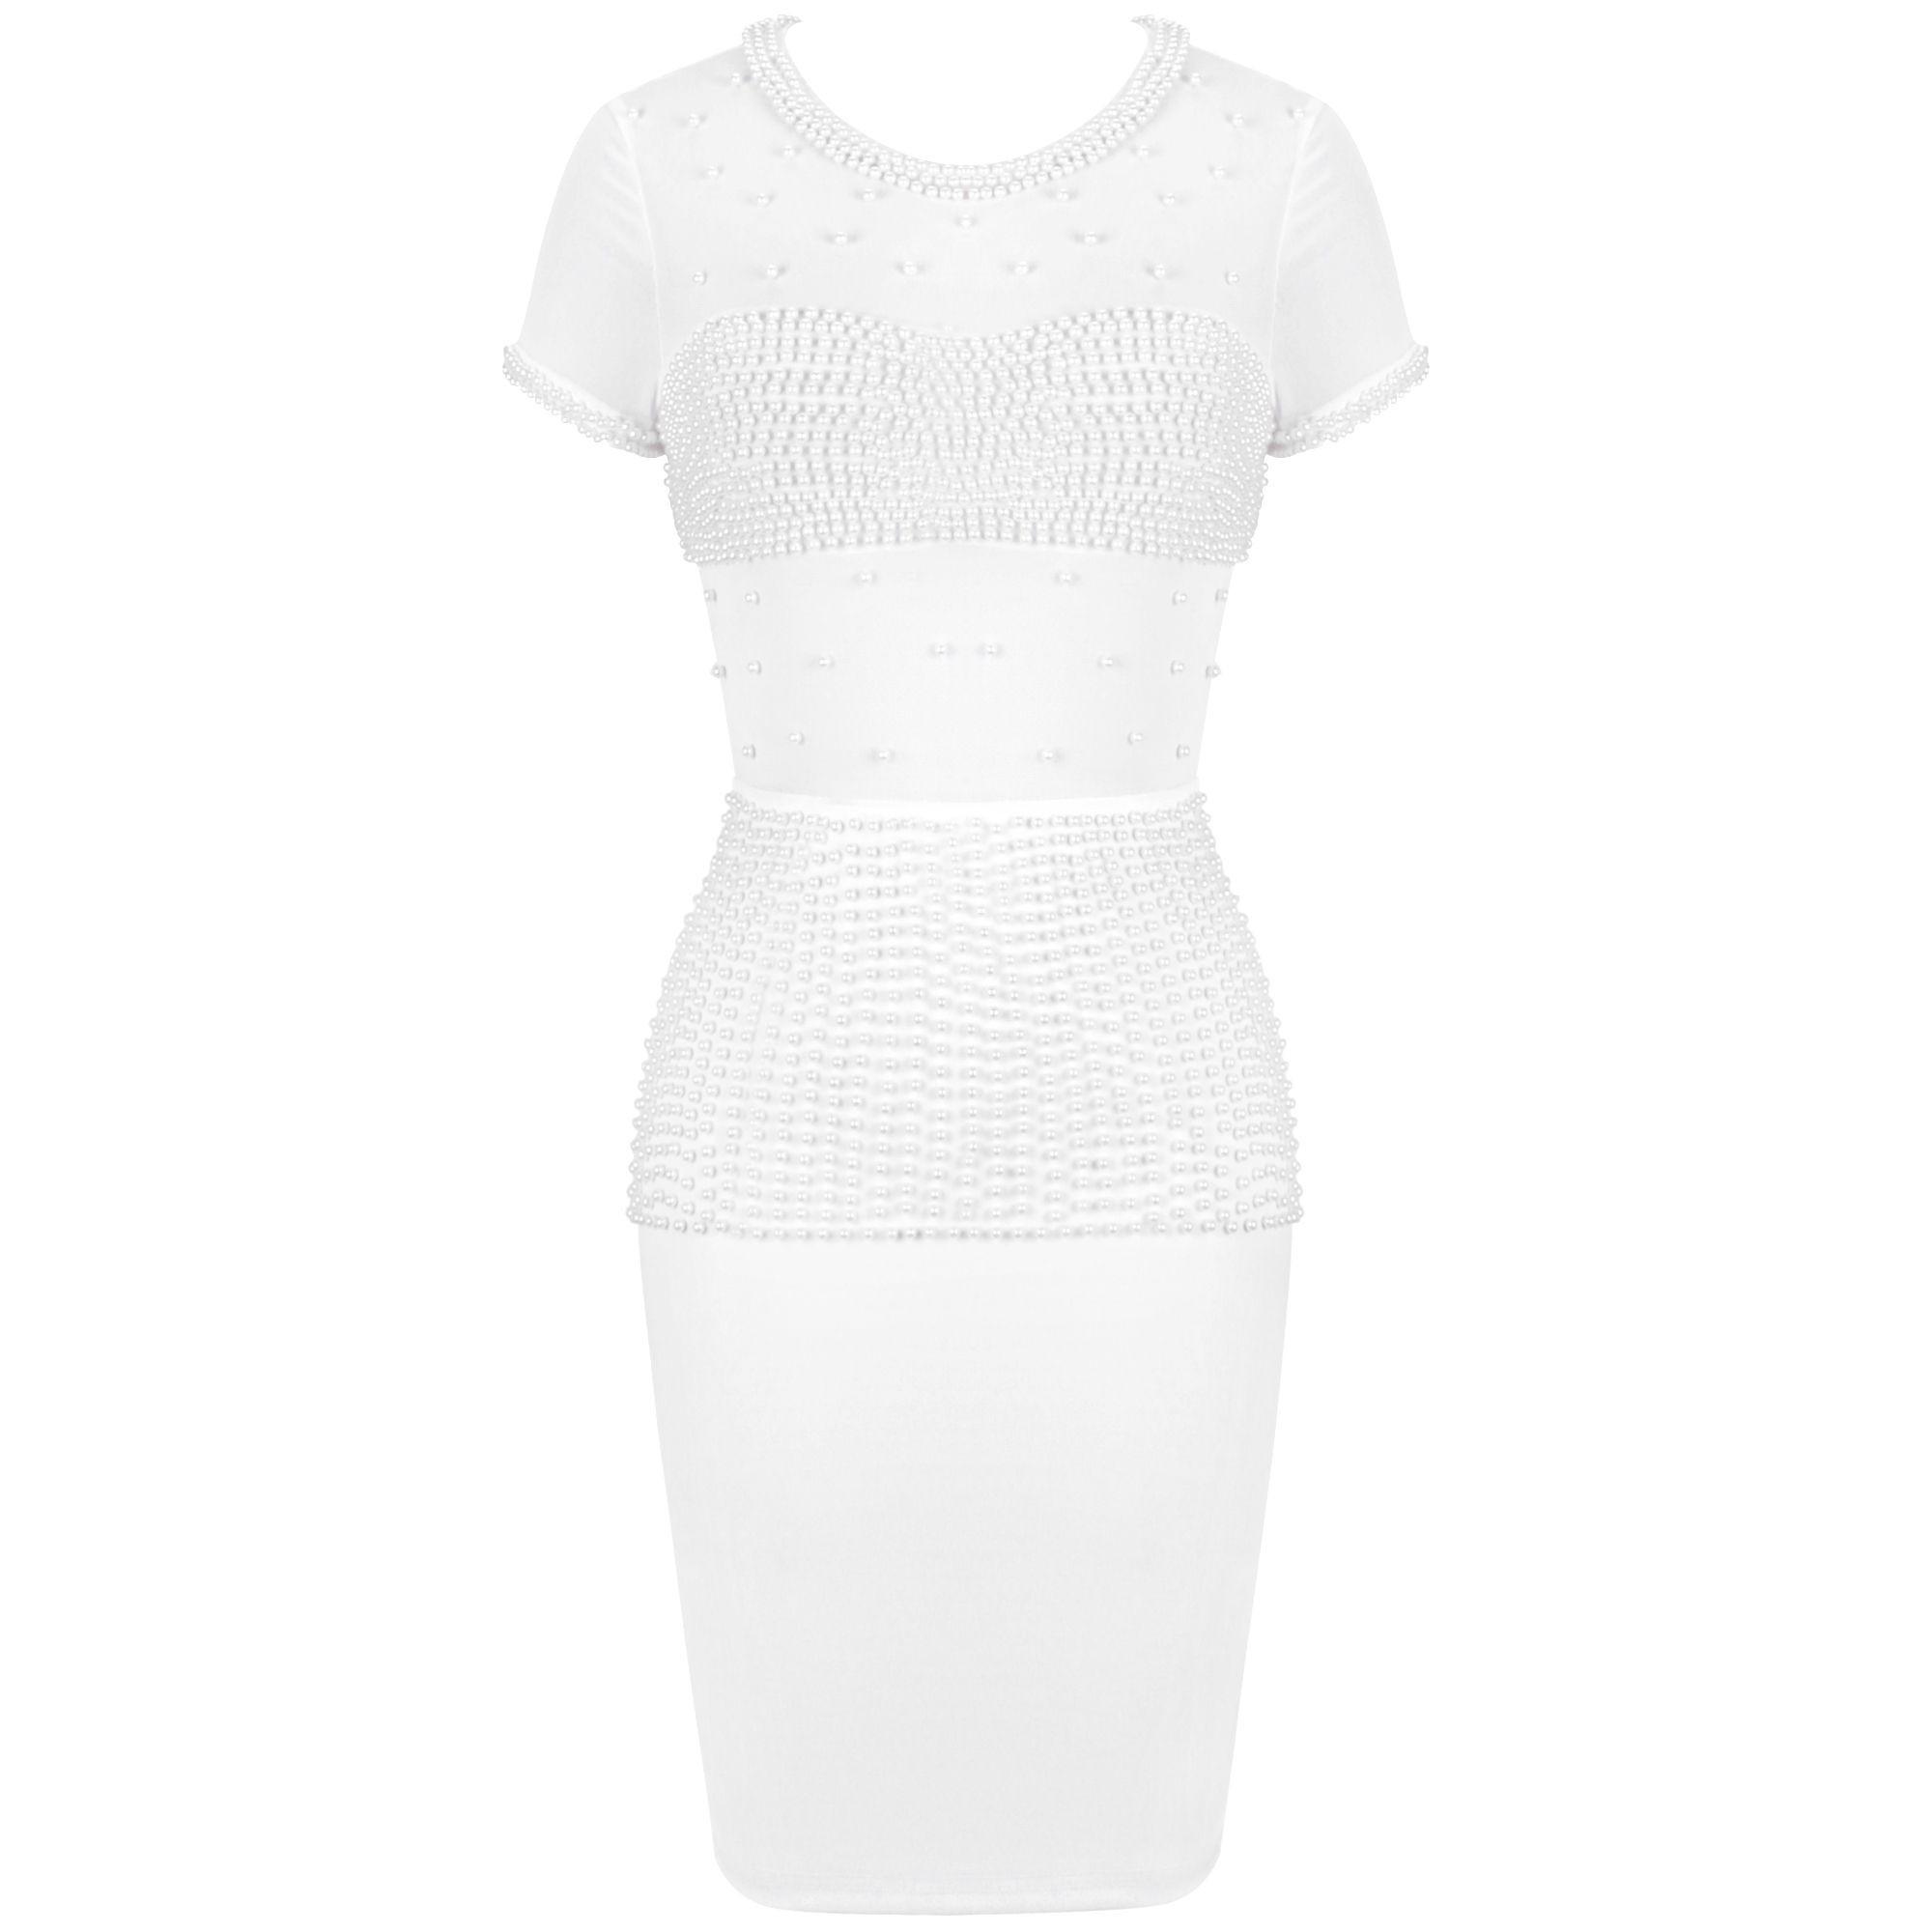 White Nail?Bead Mesh Mini Short Sleeve Round Neck Bodycon Dress FSP19137-White